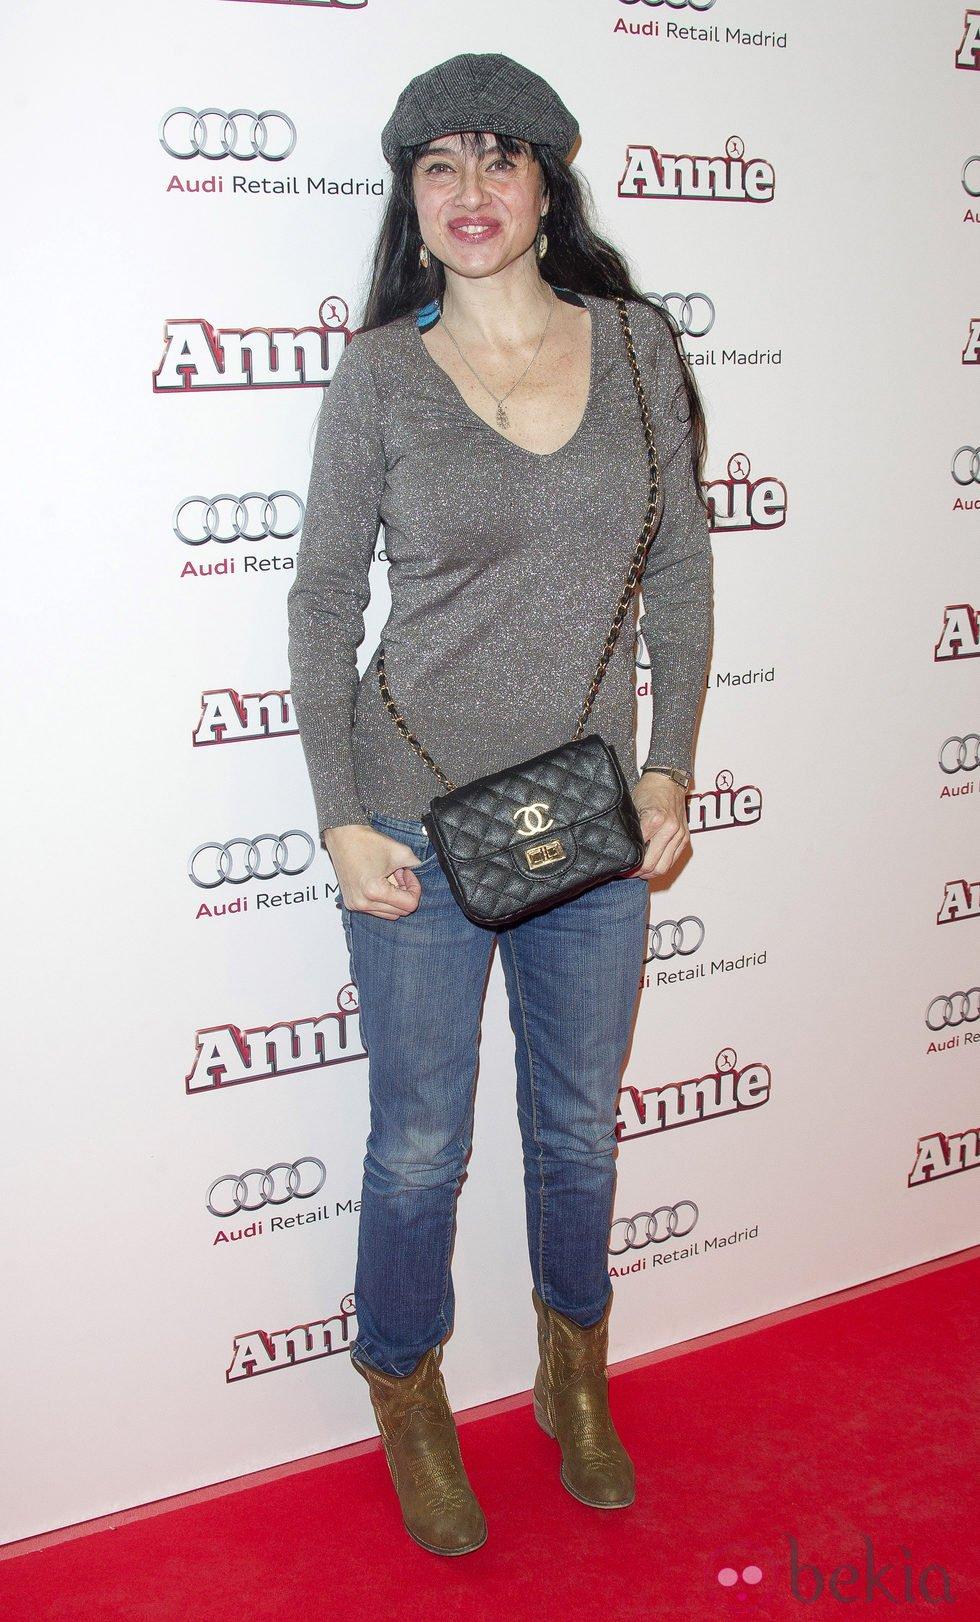 Beatriz Rico en la premiere de 'Annie' en Madrid